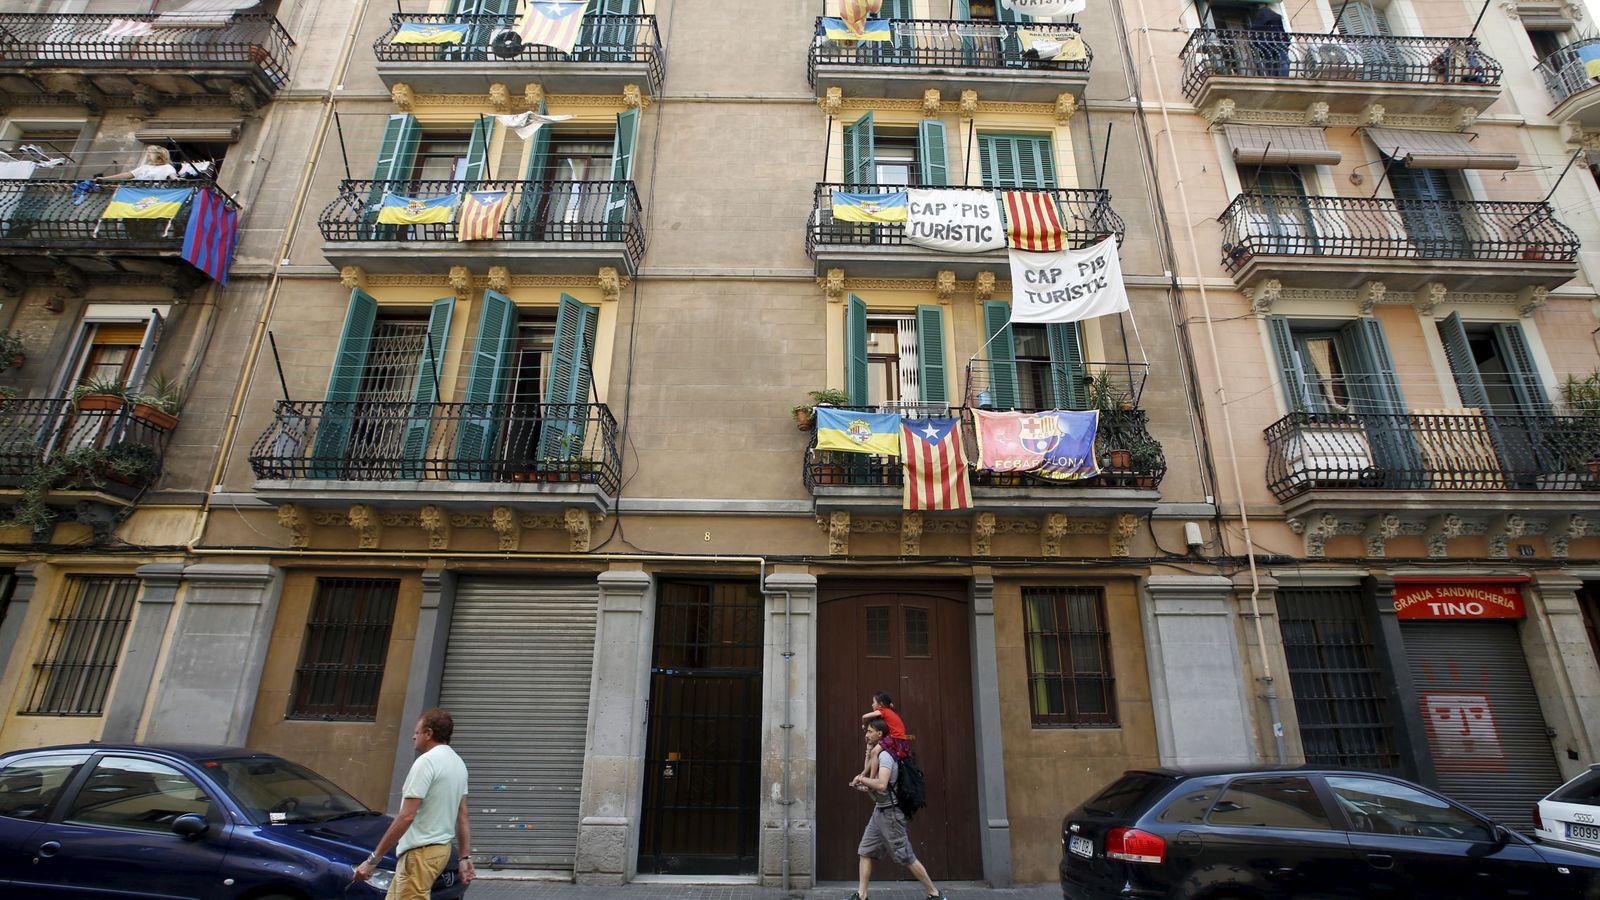 Foto: El barrio de la Barceloneta, uno de los más afectados por los pisos turísticos ilegales anunciados en páginas como Airbnb. (Foto: Reuters)